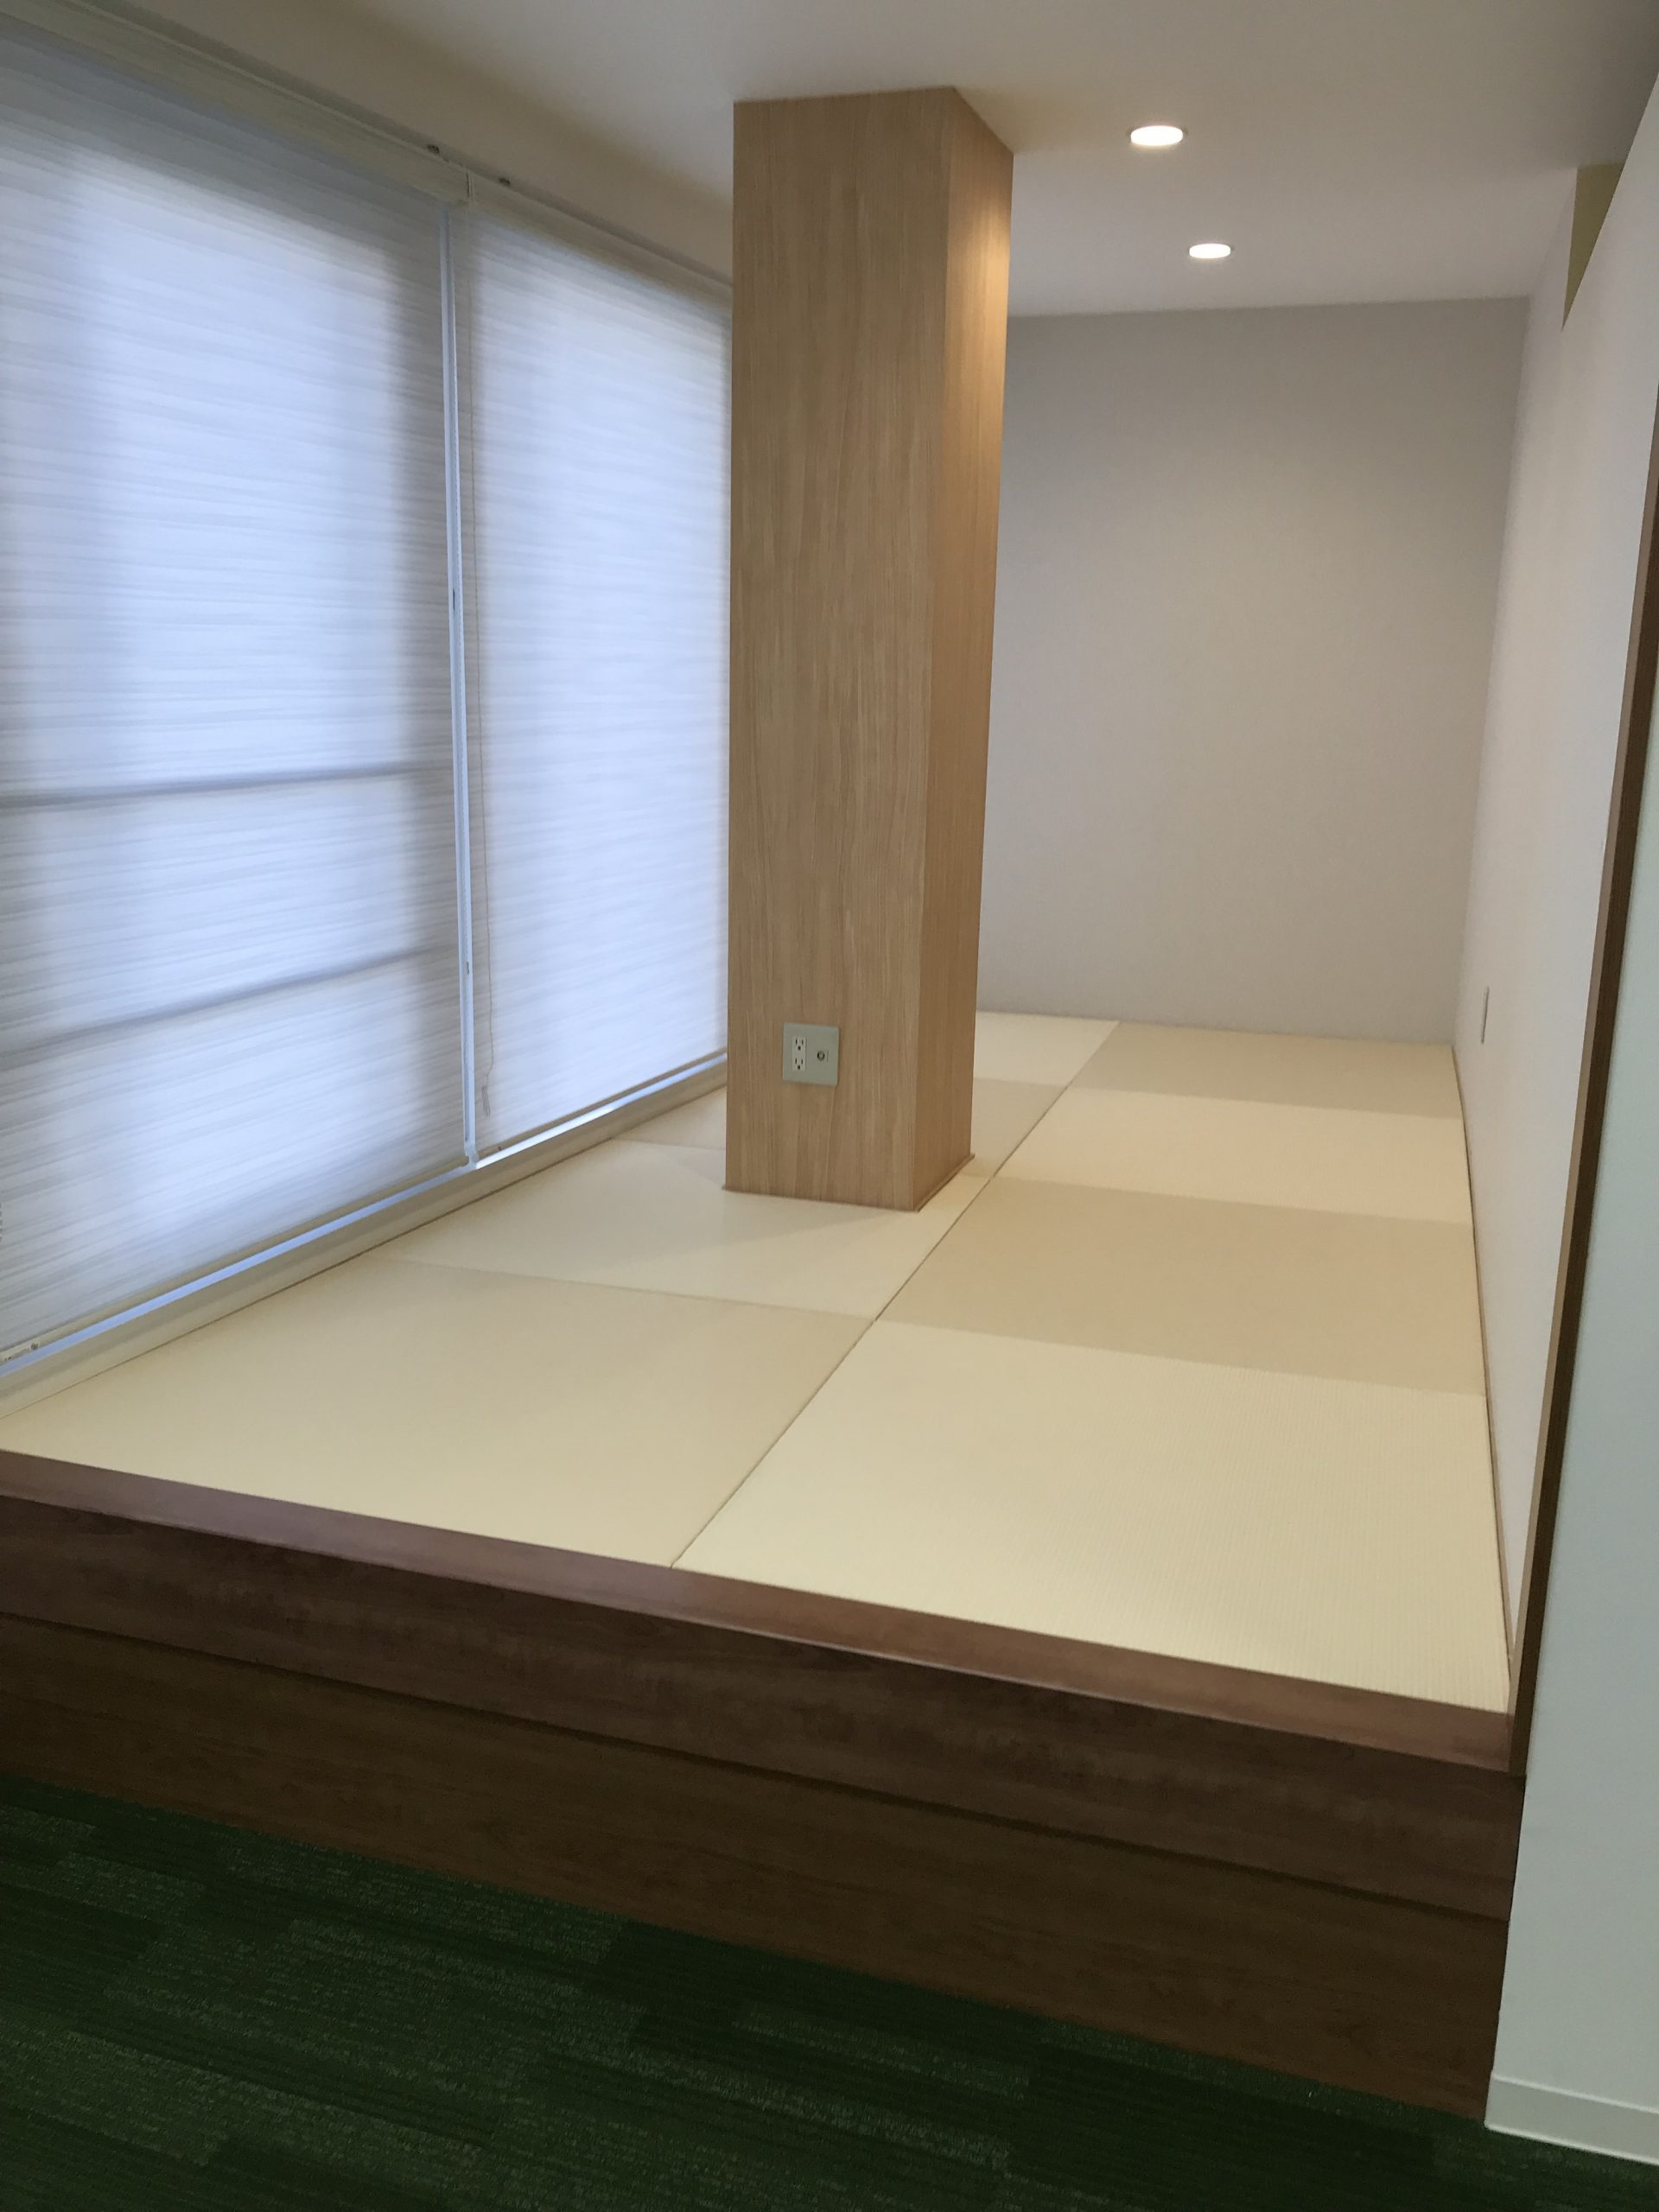 グリーンで開放的!内科クリニックの休憩スペースデザイン事例